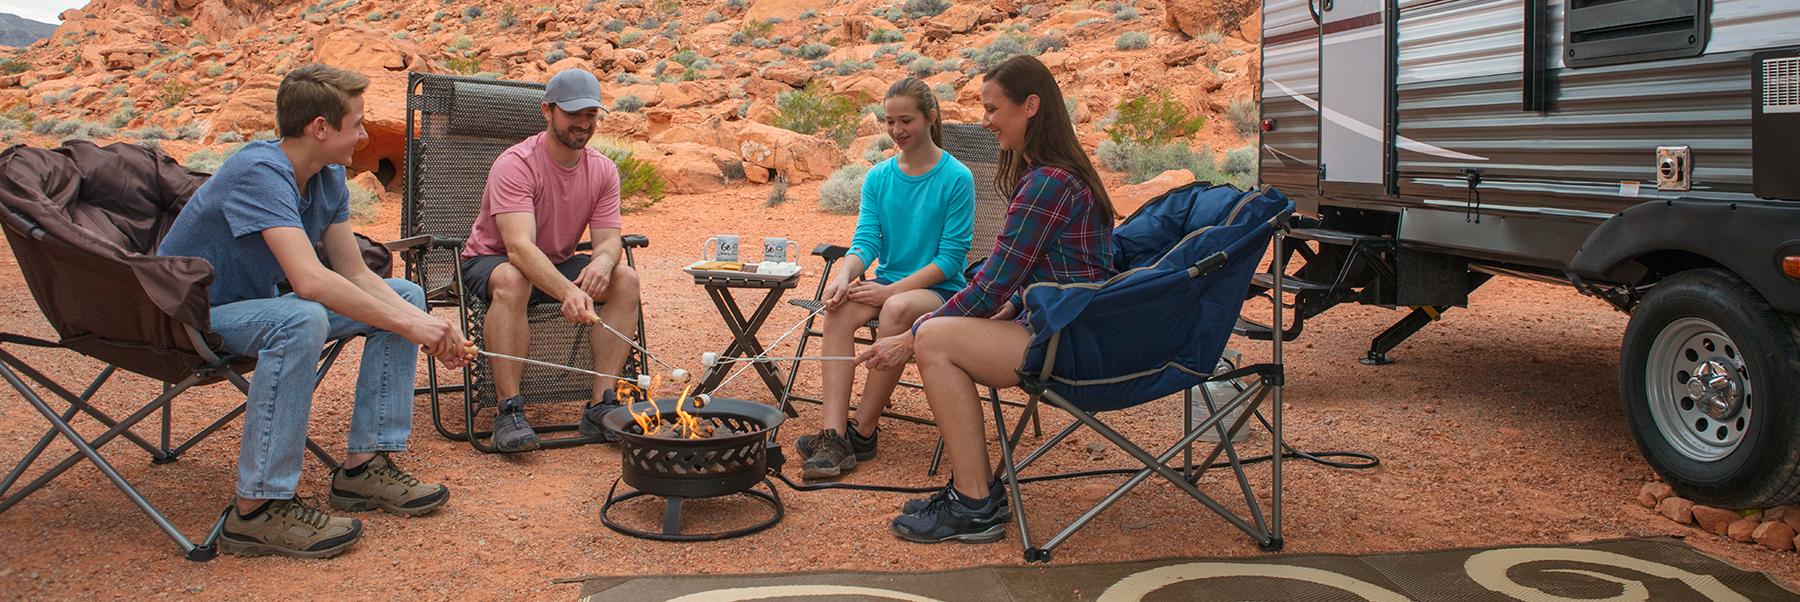 全球最大房车零件和用品供应商:露营世界Camping World Holdings(CWH)